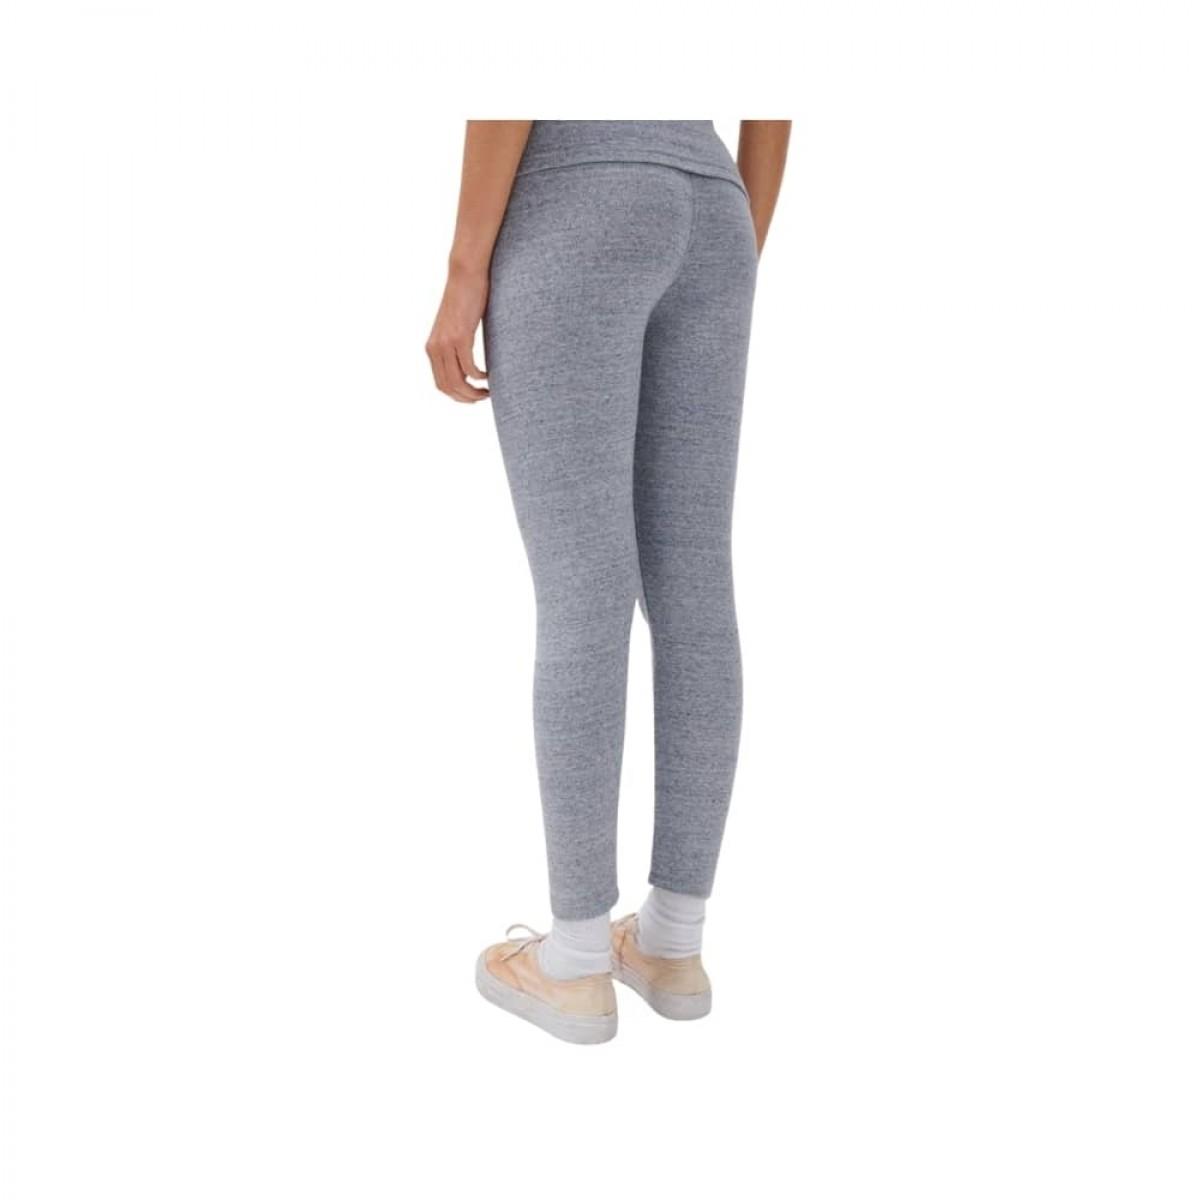 nooby leggins - heather grey - model fra siden